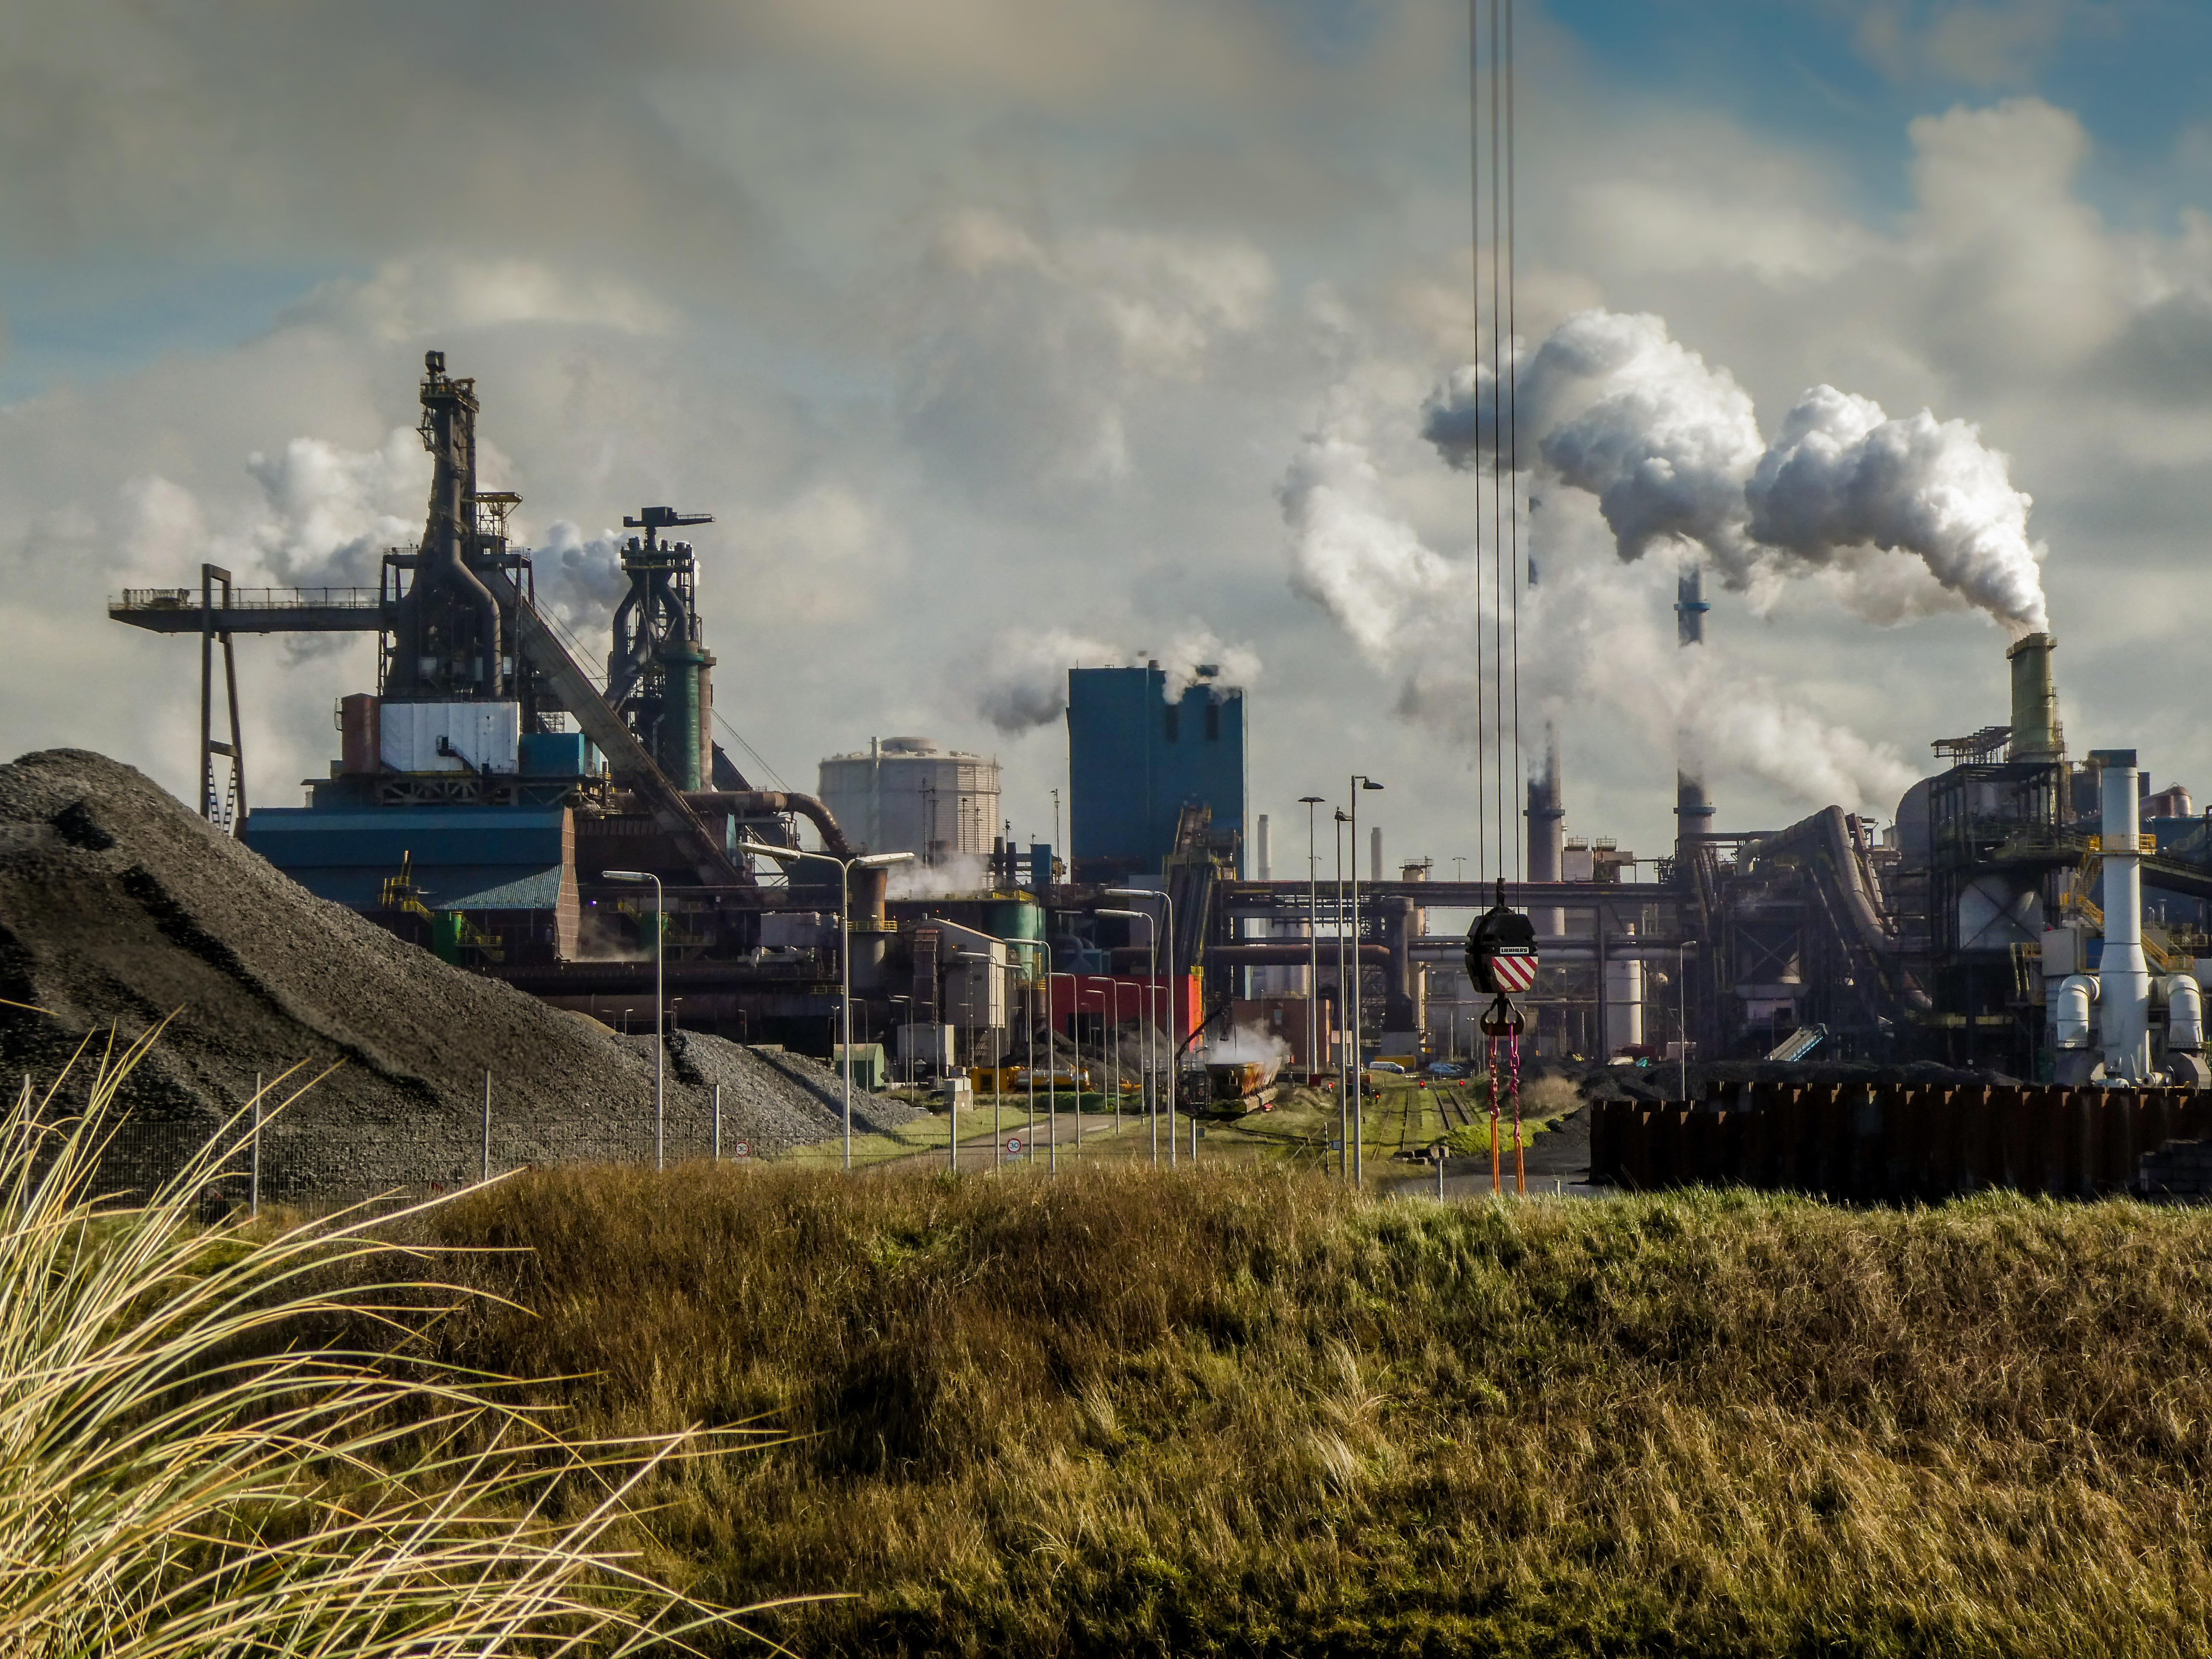 Geluidsoverlast vrijdagochtend vanaf het Tata Steel-terrein door storing aan installatie